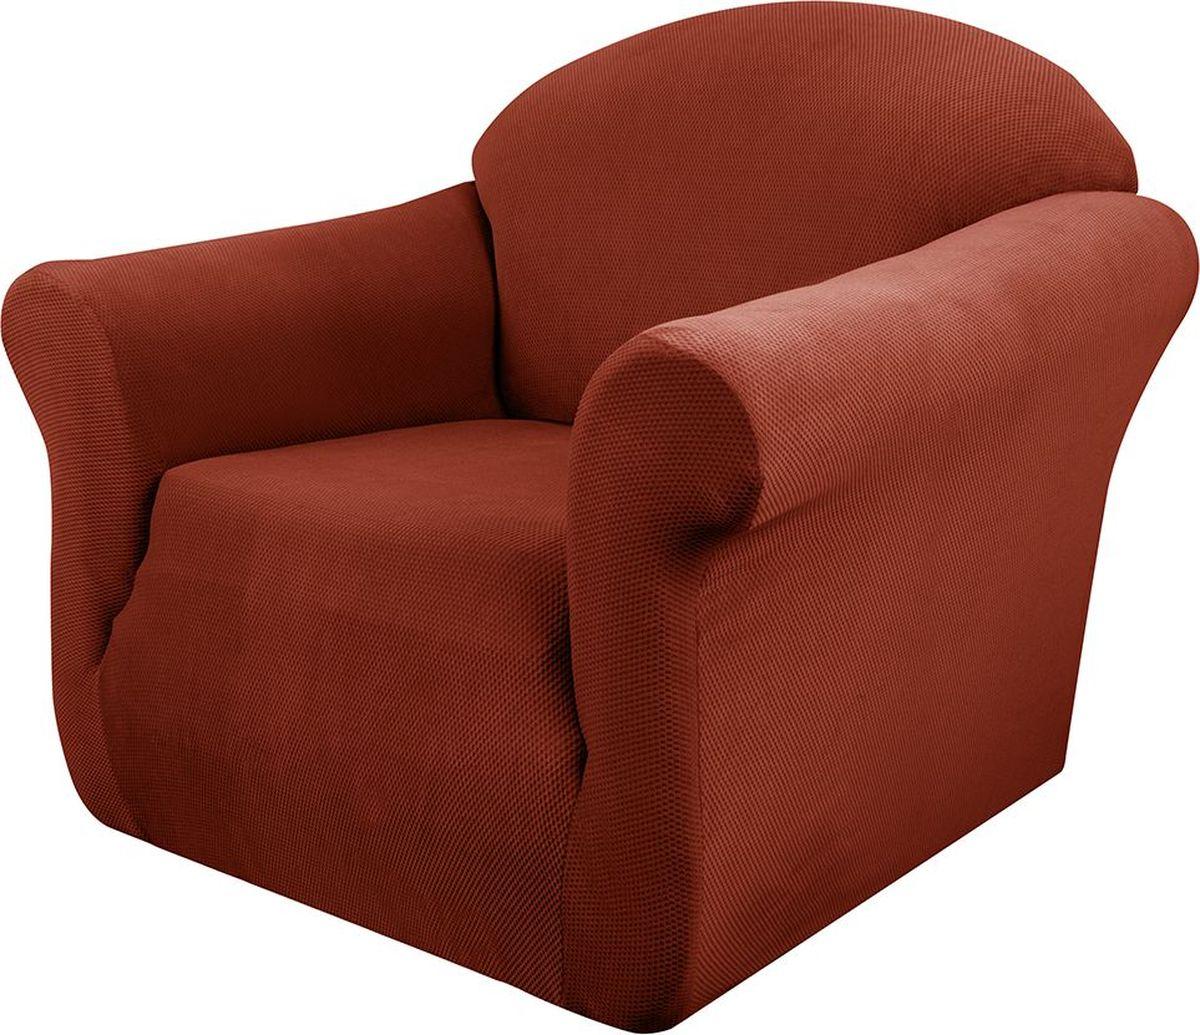 Чехол на кресло Медежда Бирмингем, цвет: терракотовый98295719Чехол на кресло Медежда Бирмингем изготовлен из стрейчевого велюра (100% полиэстера). Тонкий геометрический дизайн добавляет уют помещению. Велюр - по праву один из уверенных лидеров среди мебельных тканей. Поверхность велюра приятна для прикосновений. Сочетание нежности и прочности - визитная карточка велюра. Вещи из него даже спустя много лет смотрятся, как новые. Чехол легко растягивается и хорошо принимает форму кресла, подходит для большинства стандартных кресел с шириной спинки от 80 см до 110 см и высотой не более 95 см. За счет специальных фиксаторов чехол прочно держится на мебели, не съезжает и не соскальзывает. Имеется инструкция в картинках по установке чехла.